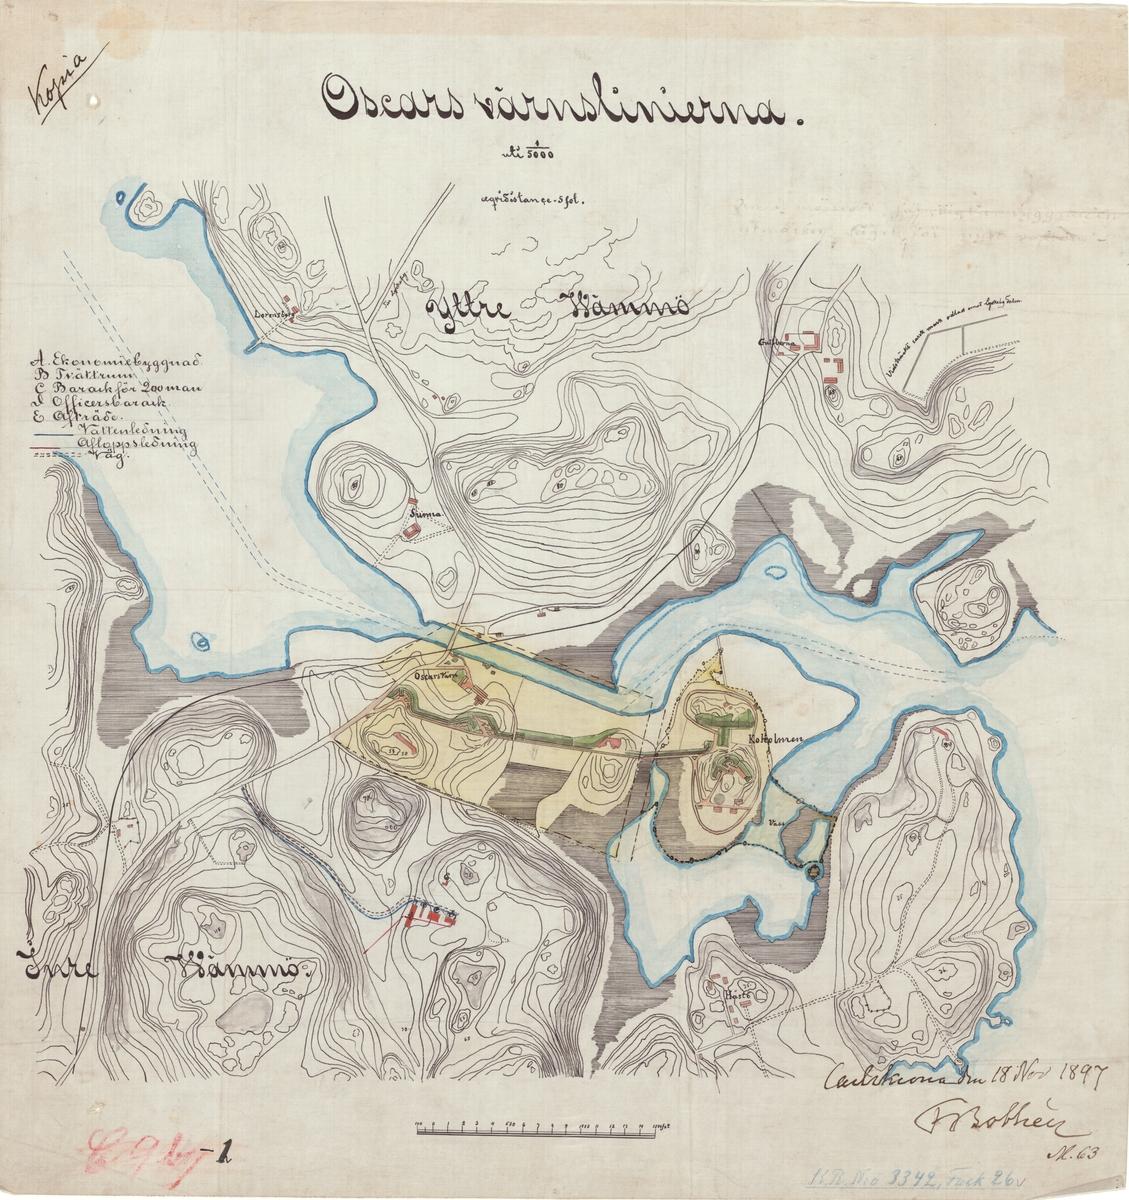 Karta över Oscars värnlinjerna, upprättad 18 november 1897 av  F. Bothén